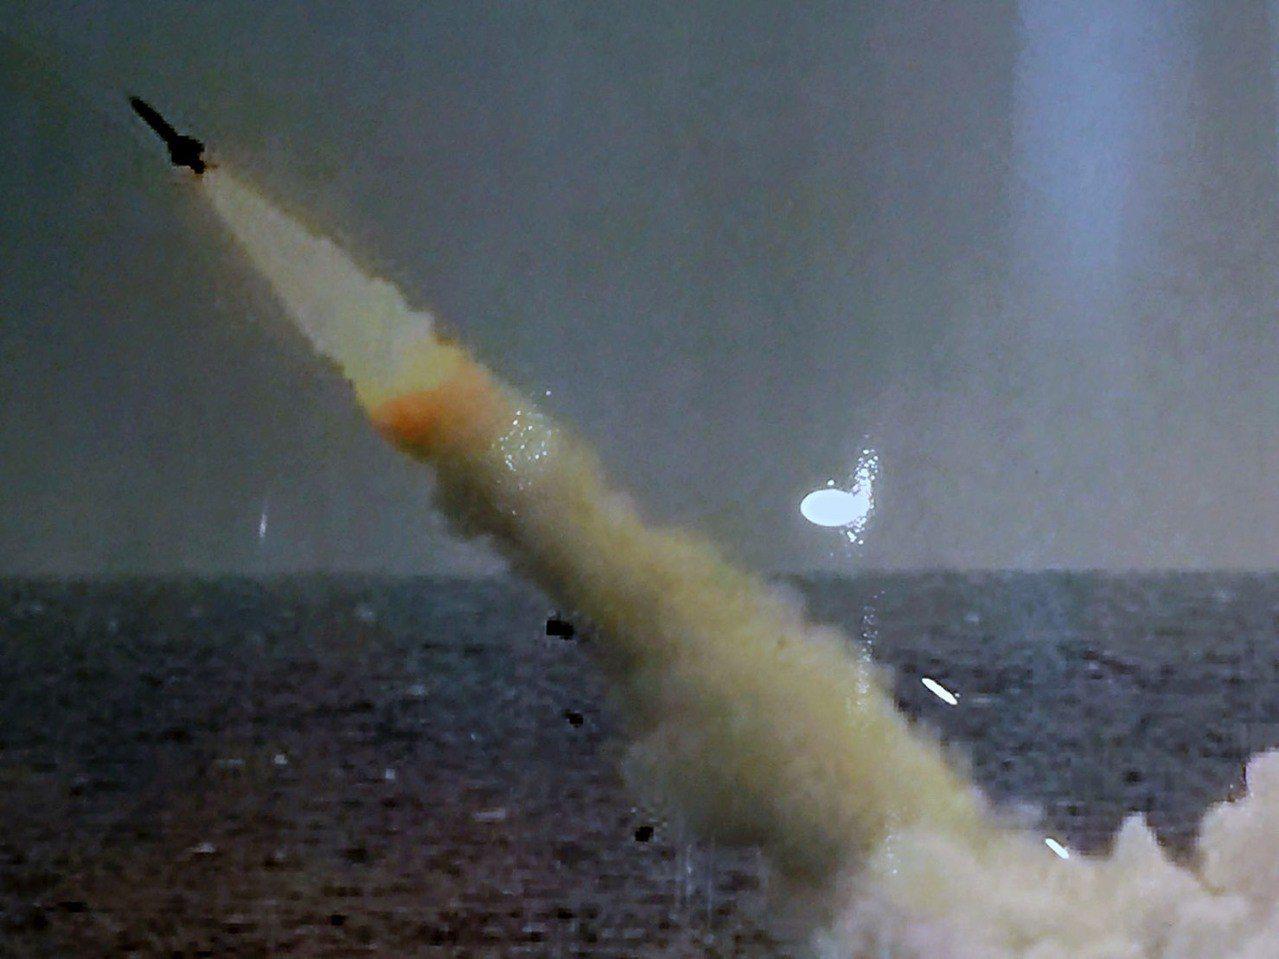 海軍編號794的海虎潛艦、793海龍潛艦,改裝配備潛射魚叉攻艦飛彈多年,日前首度...